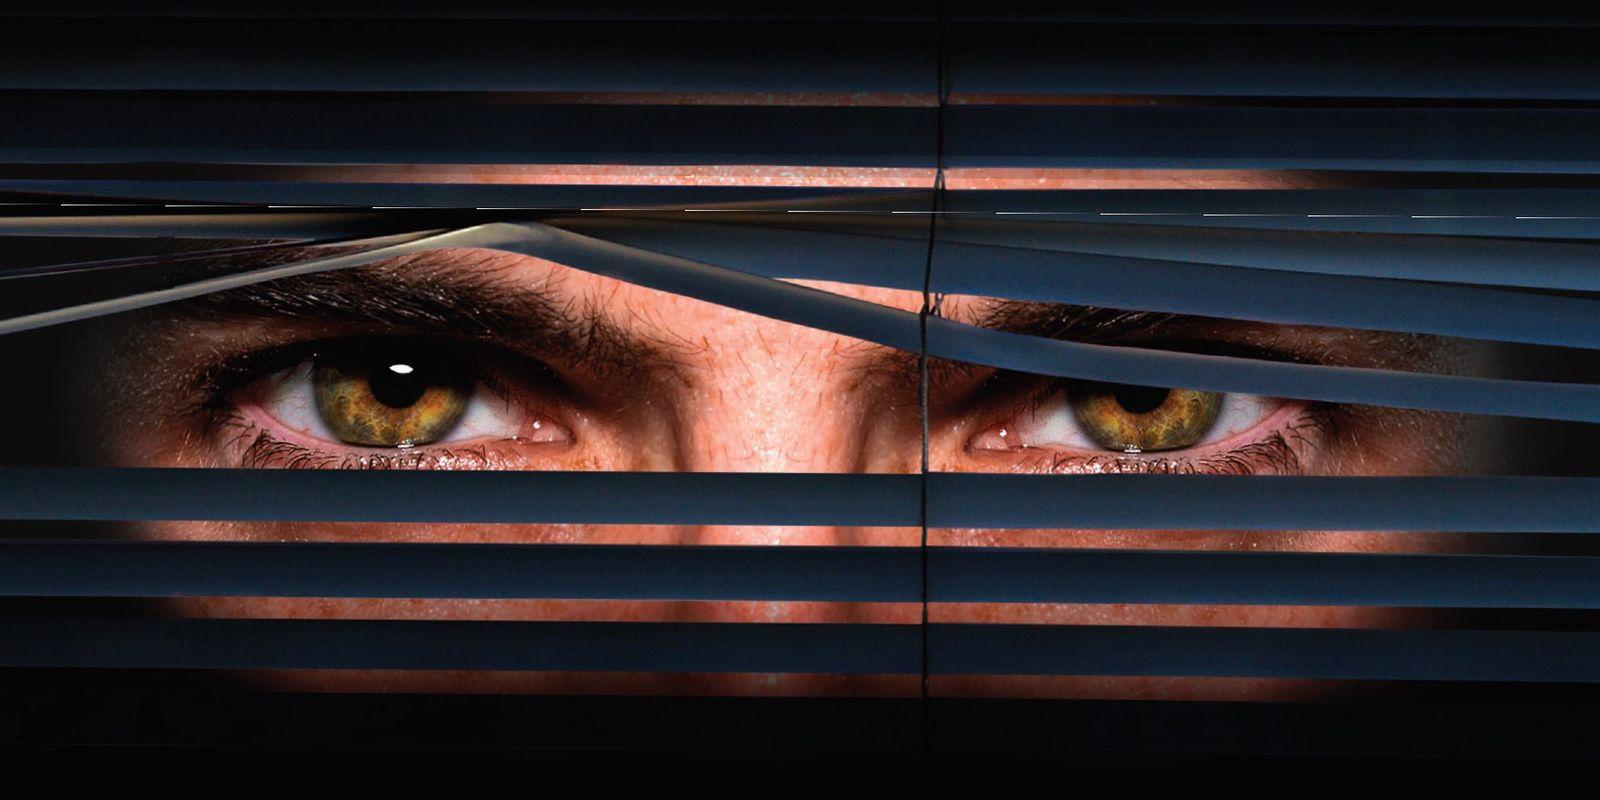 Big Brother da vida real: Estão de olho em você – e em todo o resto ...